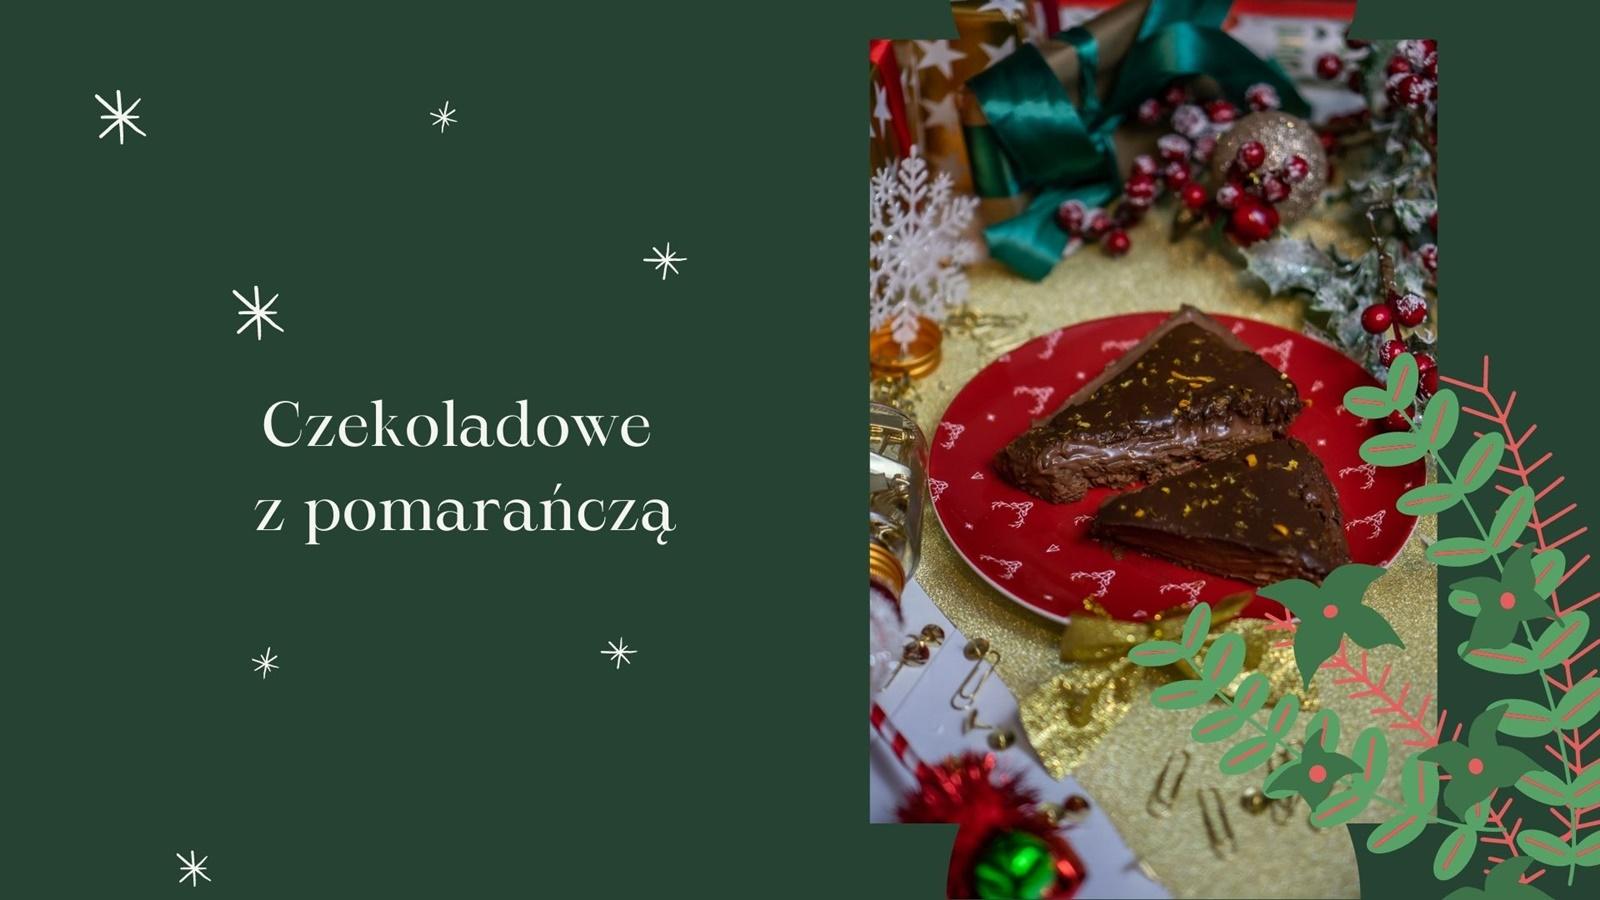 3 gotowe ciasta na boze narodzenie imieniny urodziny ciasto czekoladowe z pomarancza makowy sernik